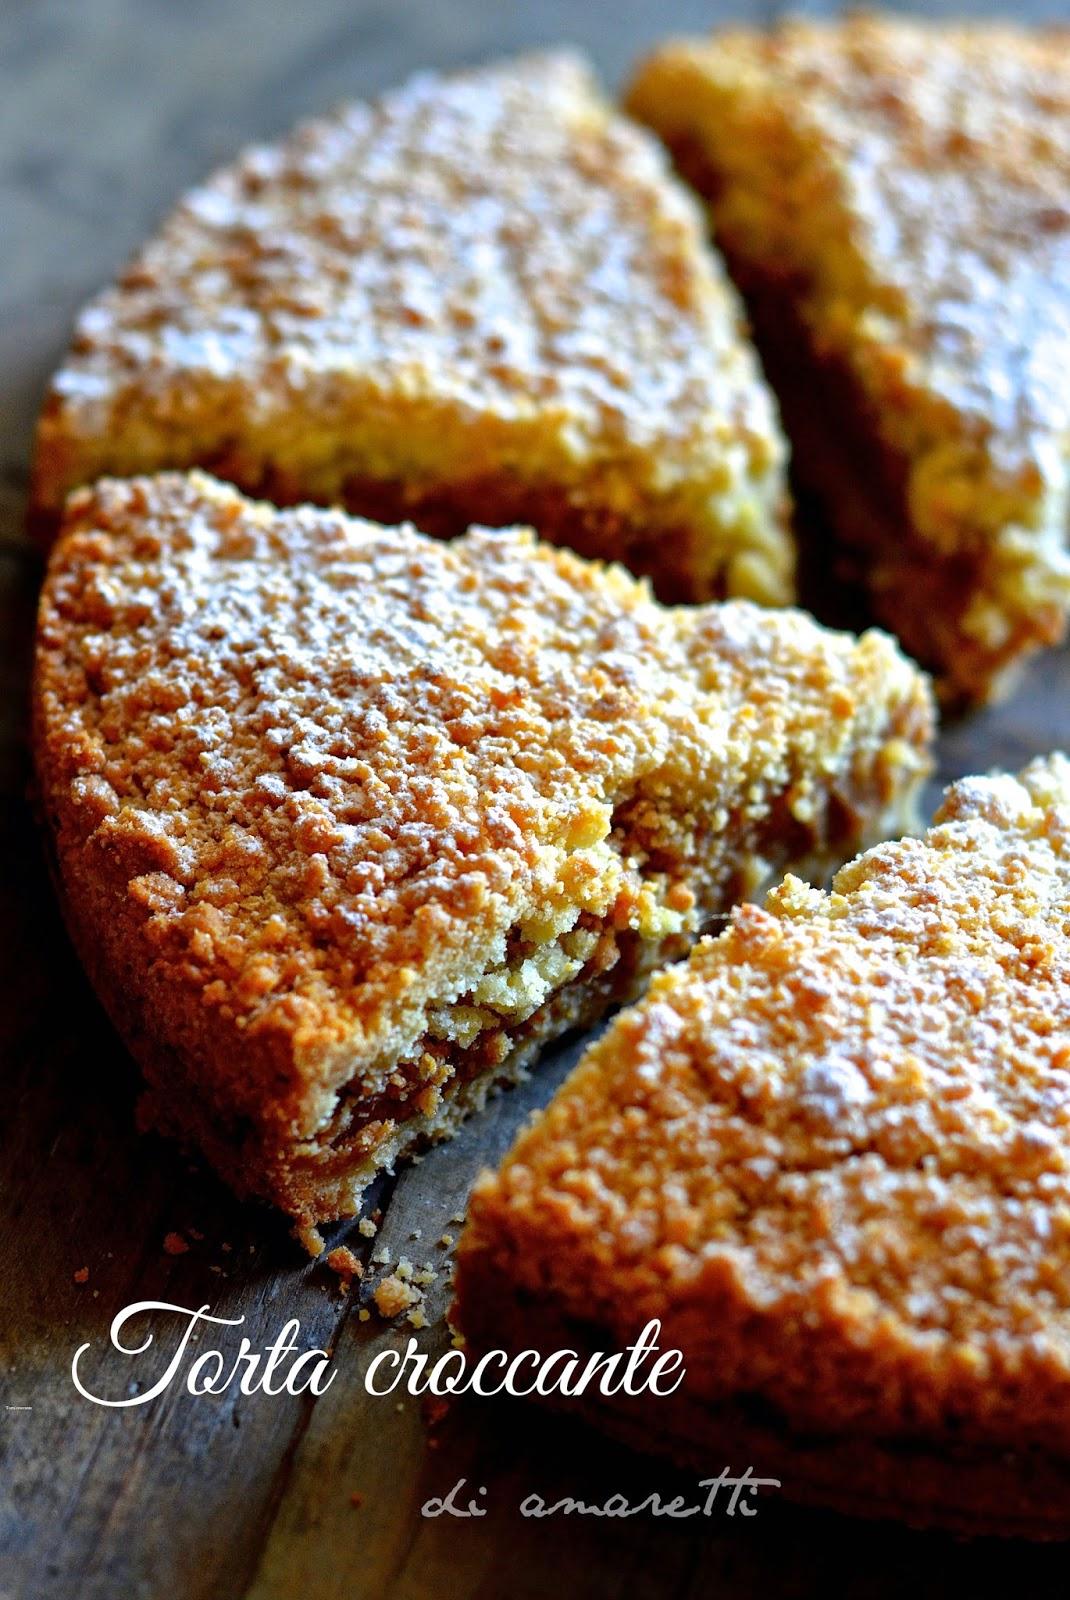 torta croccante di amaretti